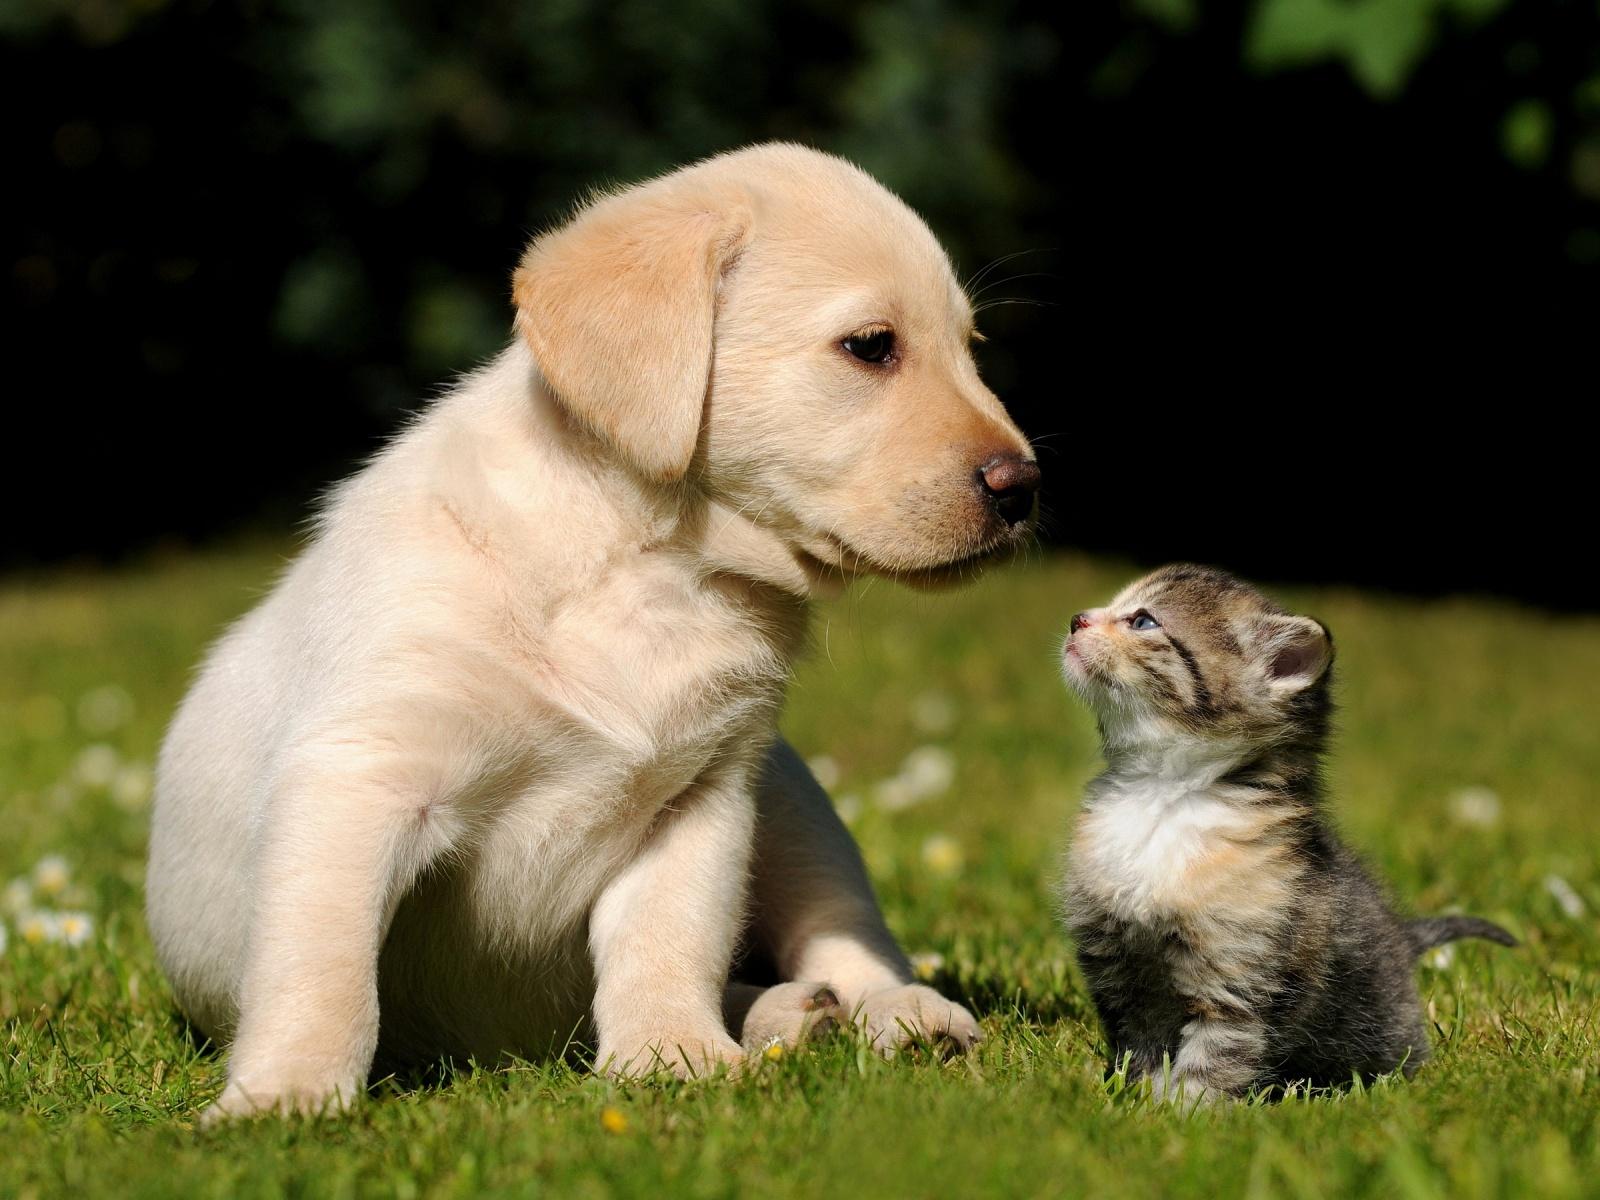 Cute-Puppy-Kitten